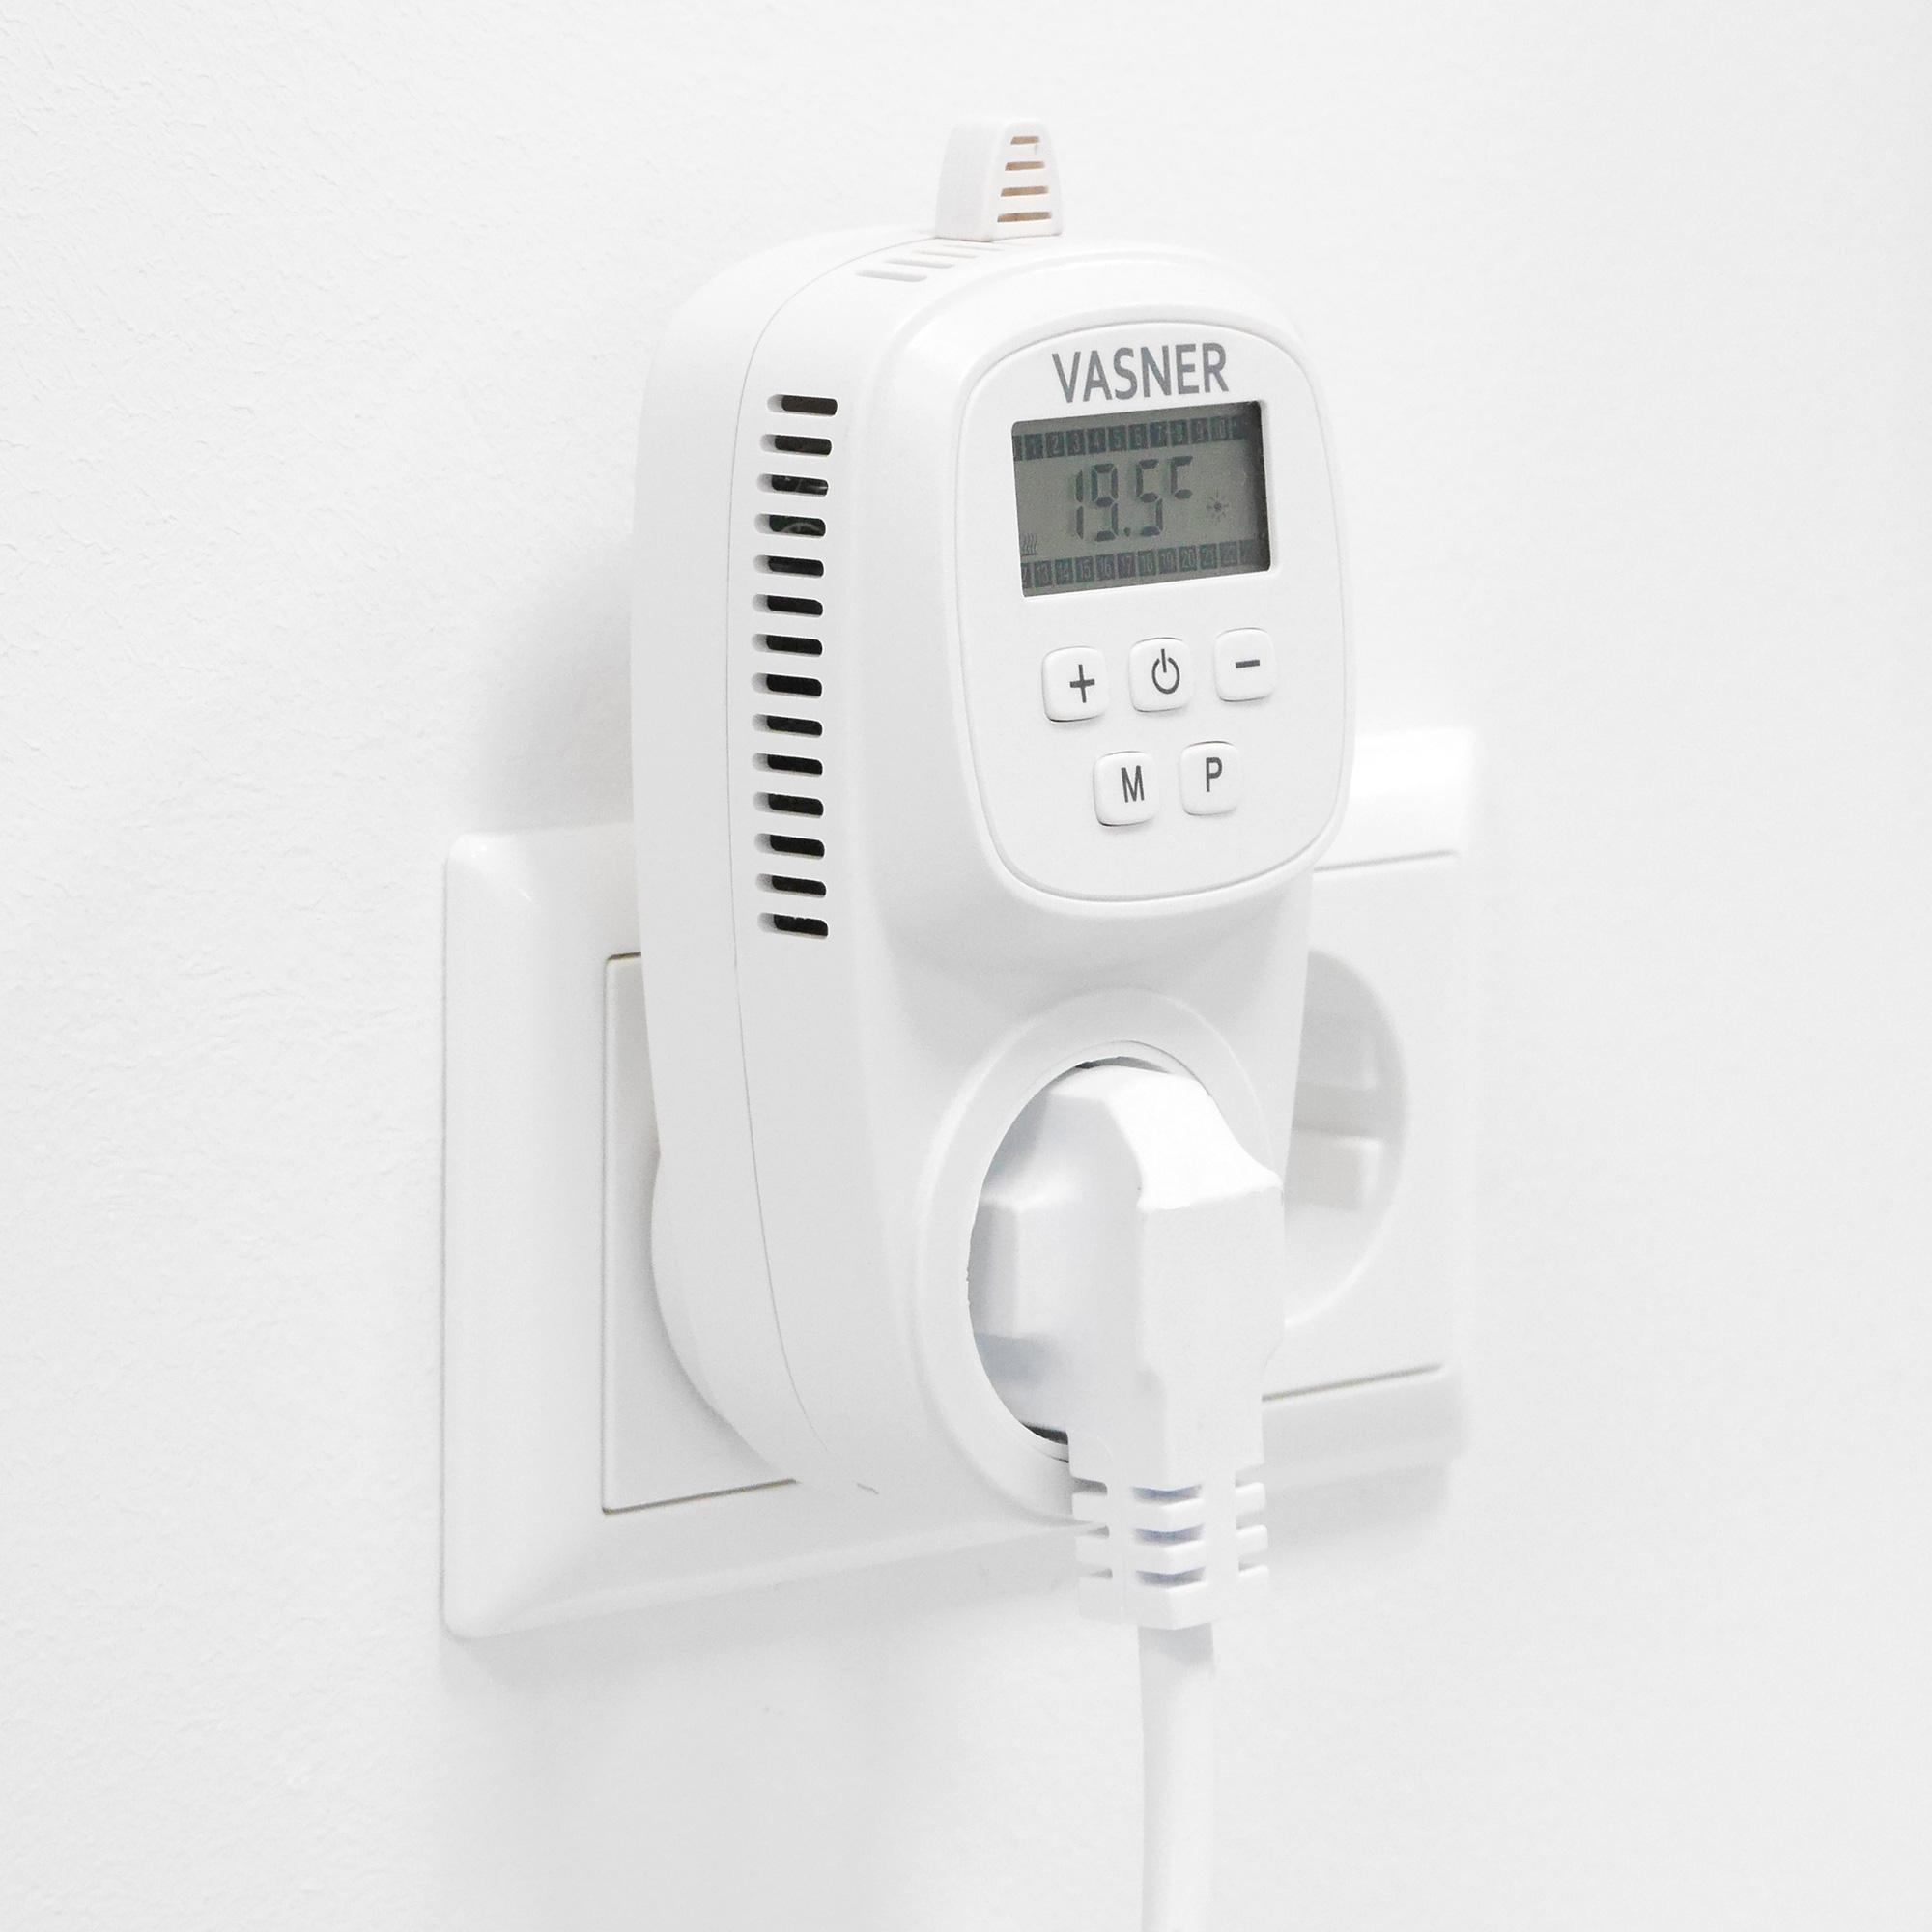 Infrarotheizung Kosten senken mit dem Steckdosenthermostat VUT35 von VASNER